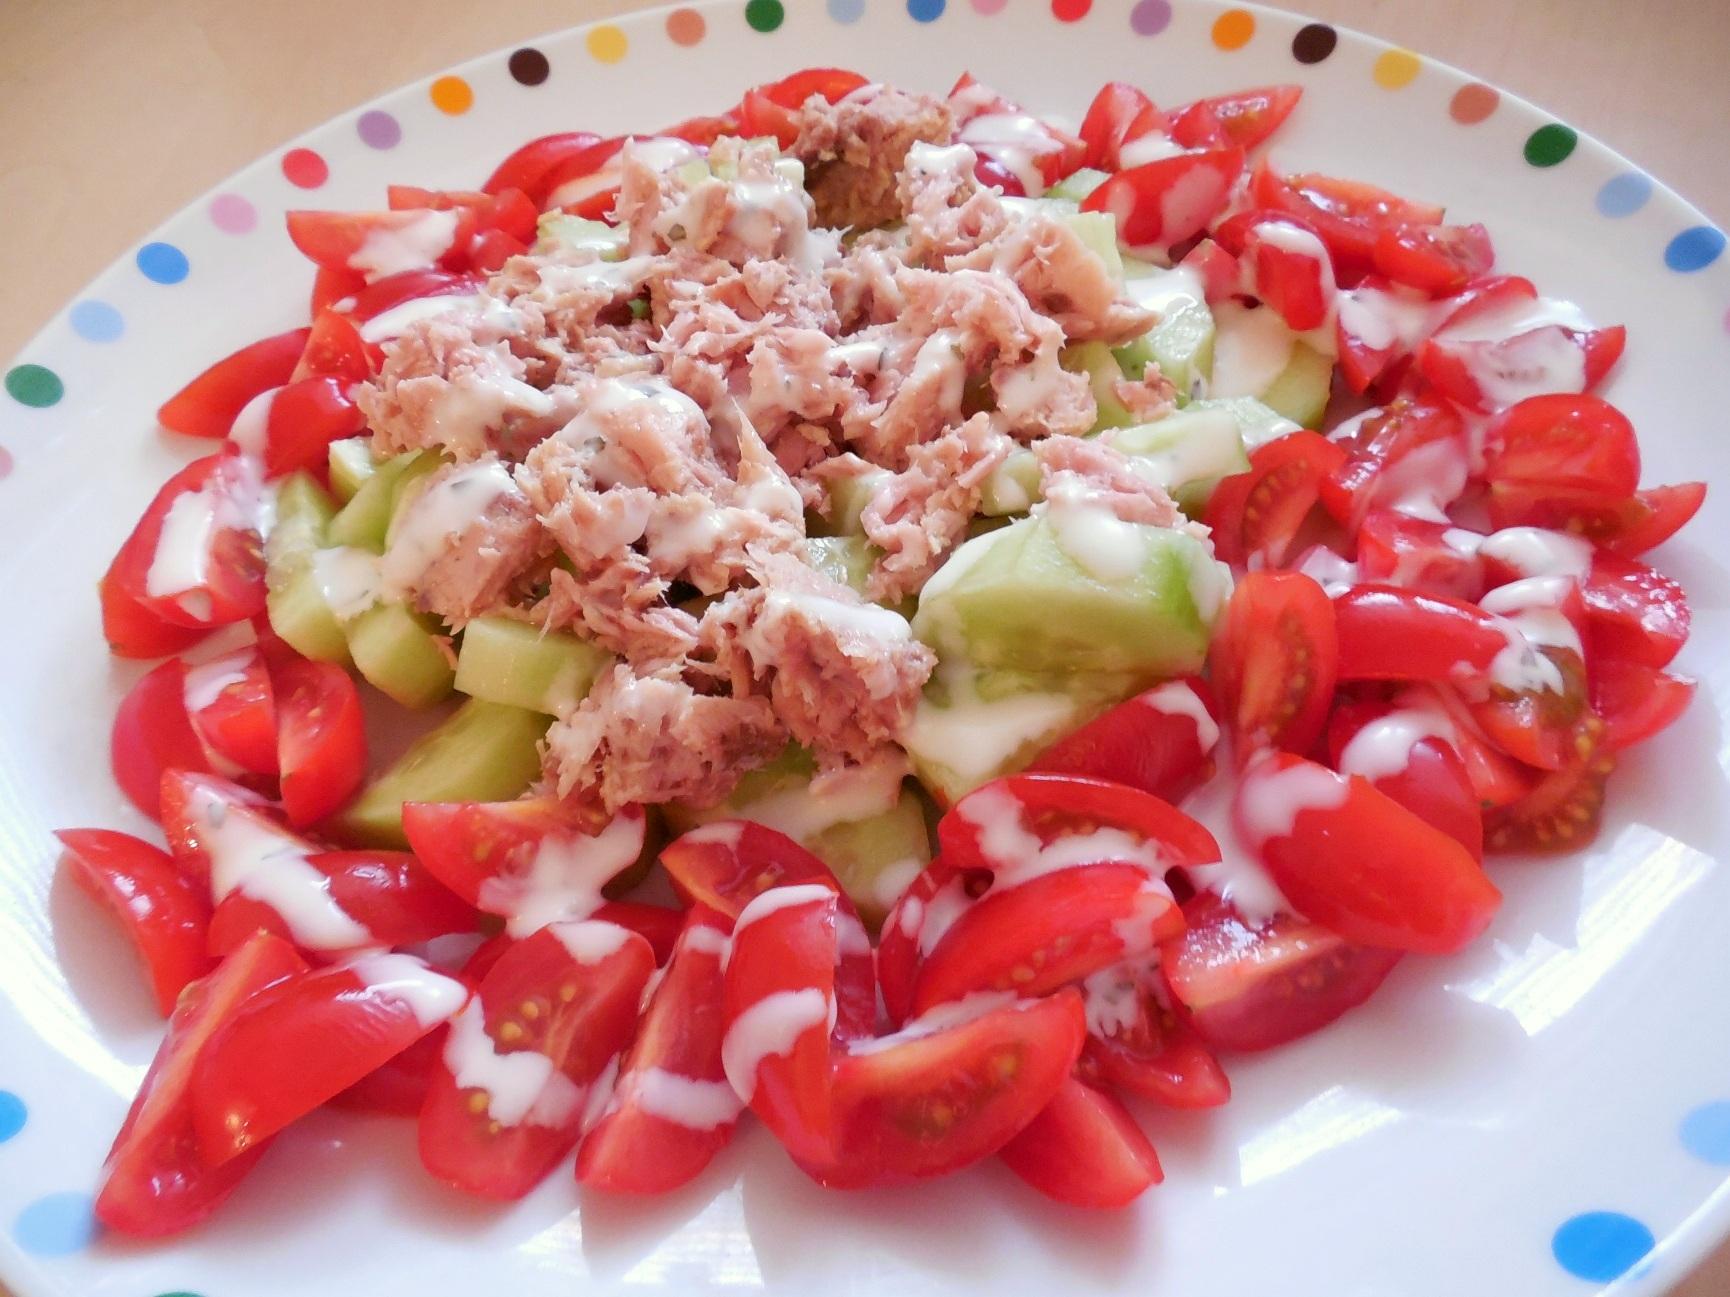 Zeleninový salát s tuňákem a jogurtovým dresinkem